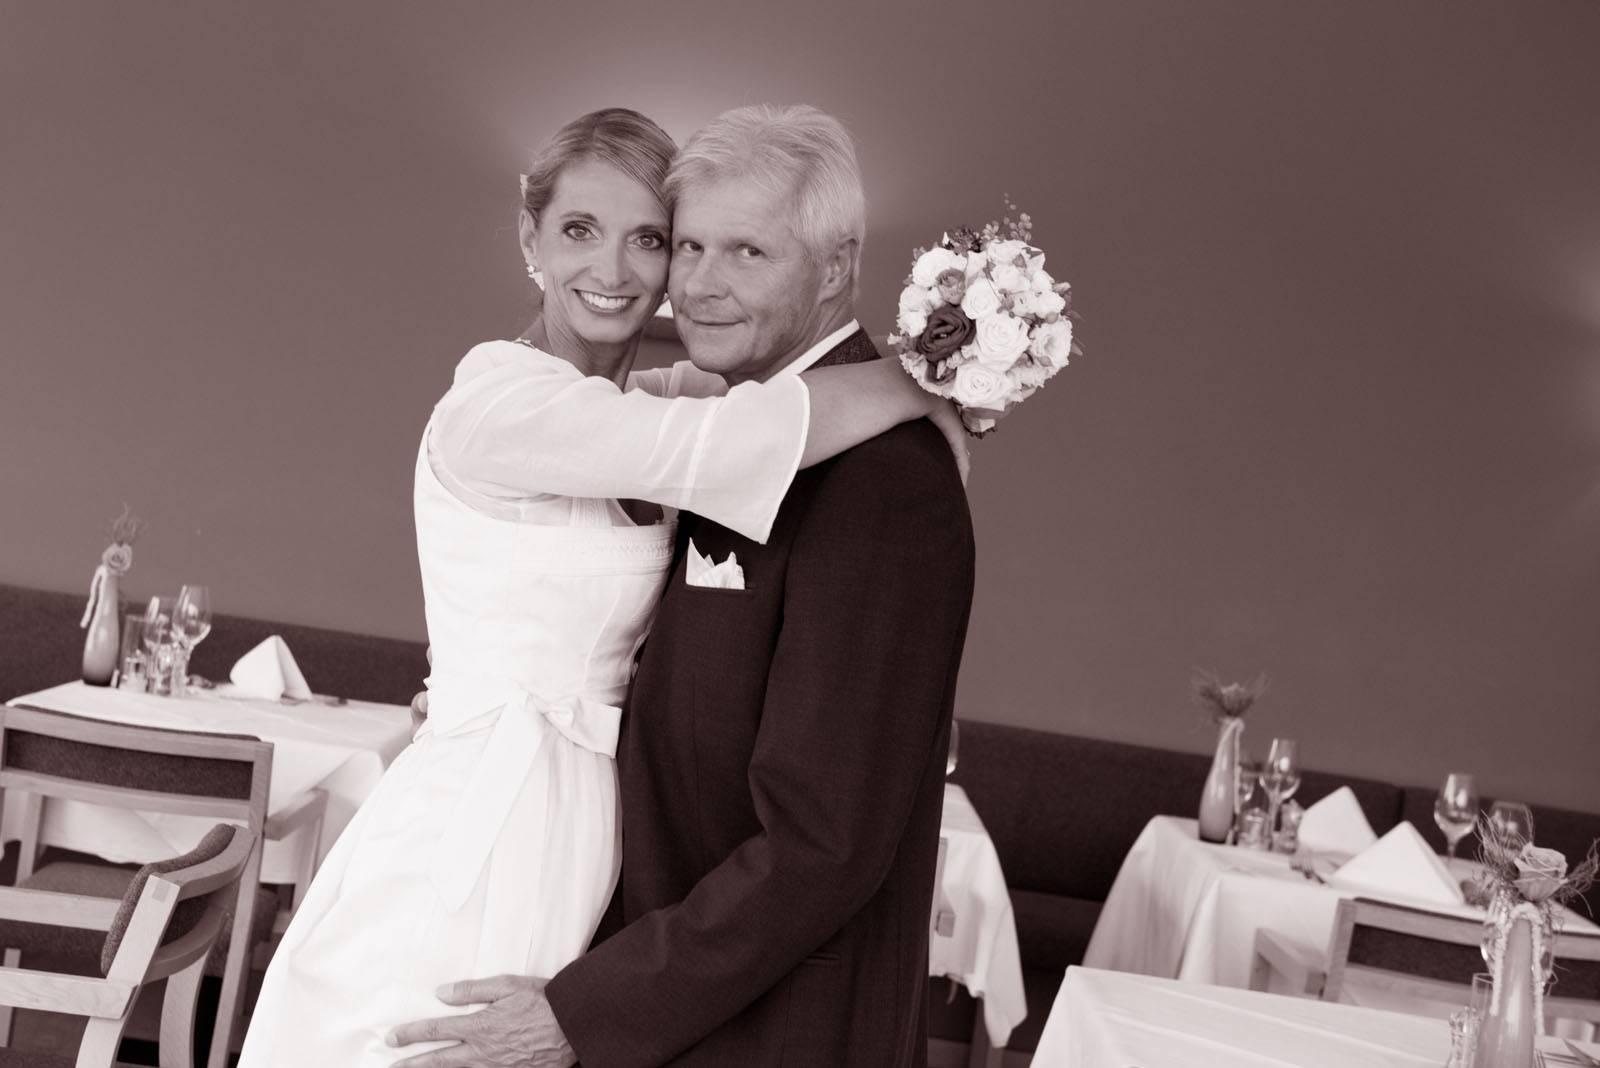 Friseur Bad Ischl Gmeiner Birgit Hochzeitsfrisuren